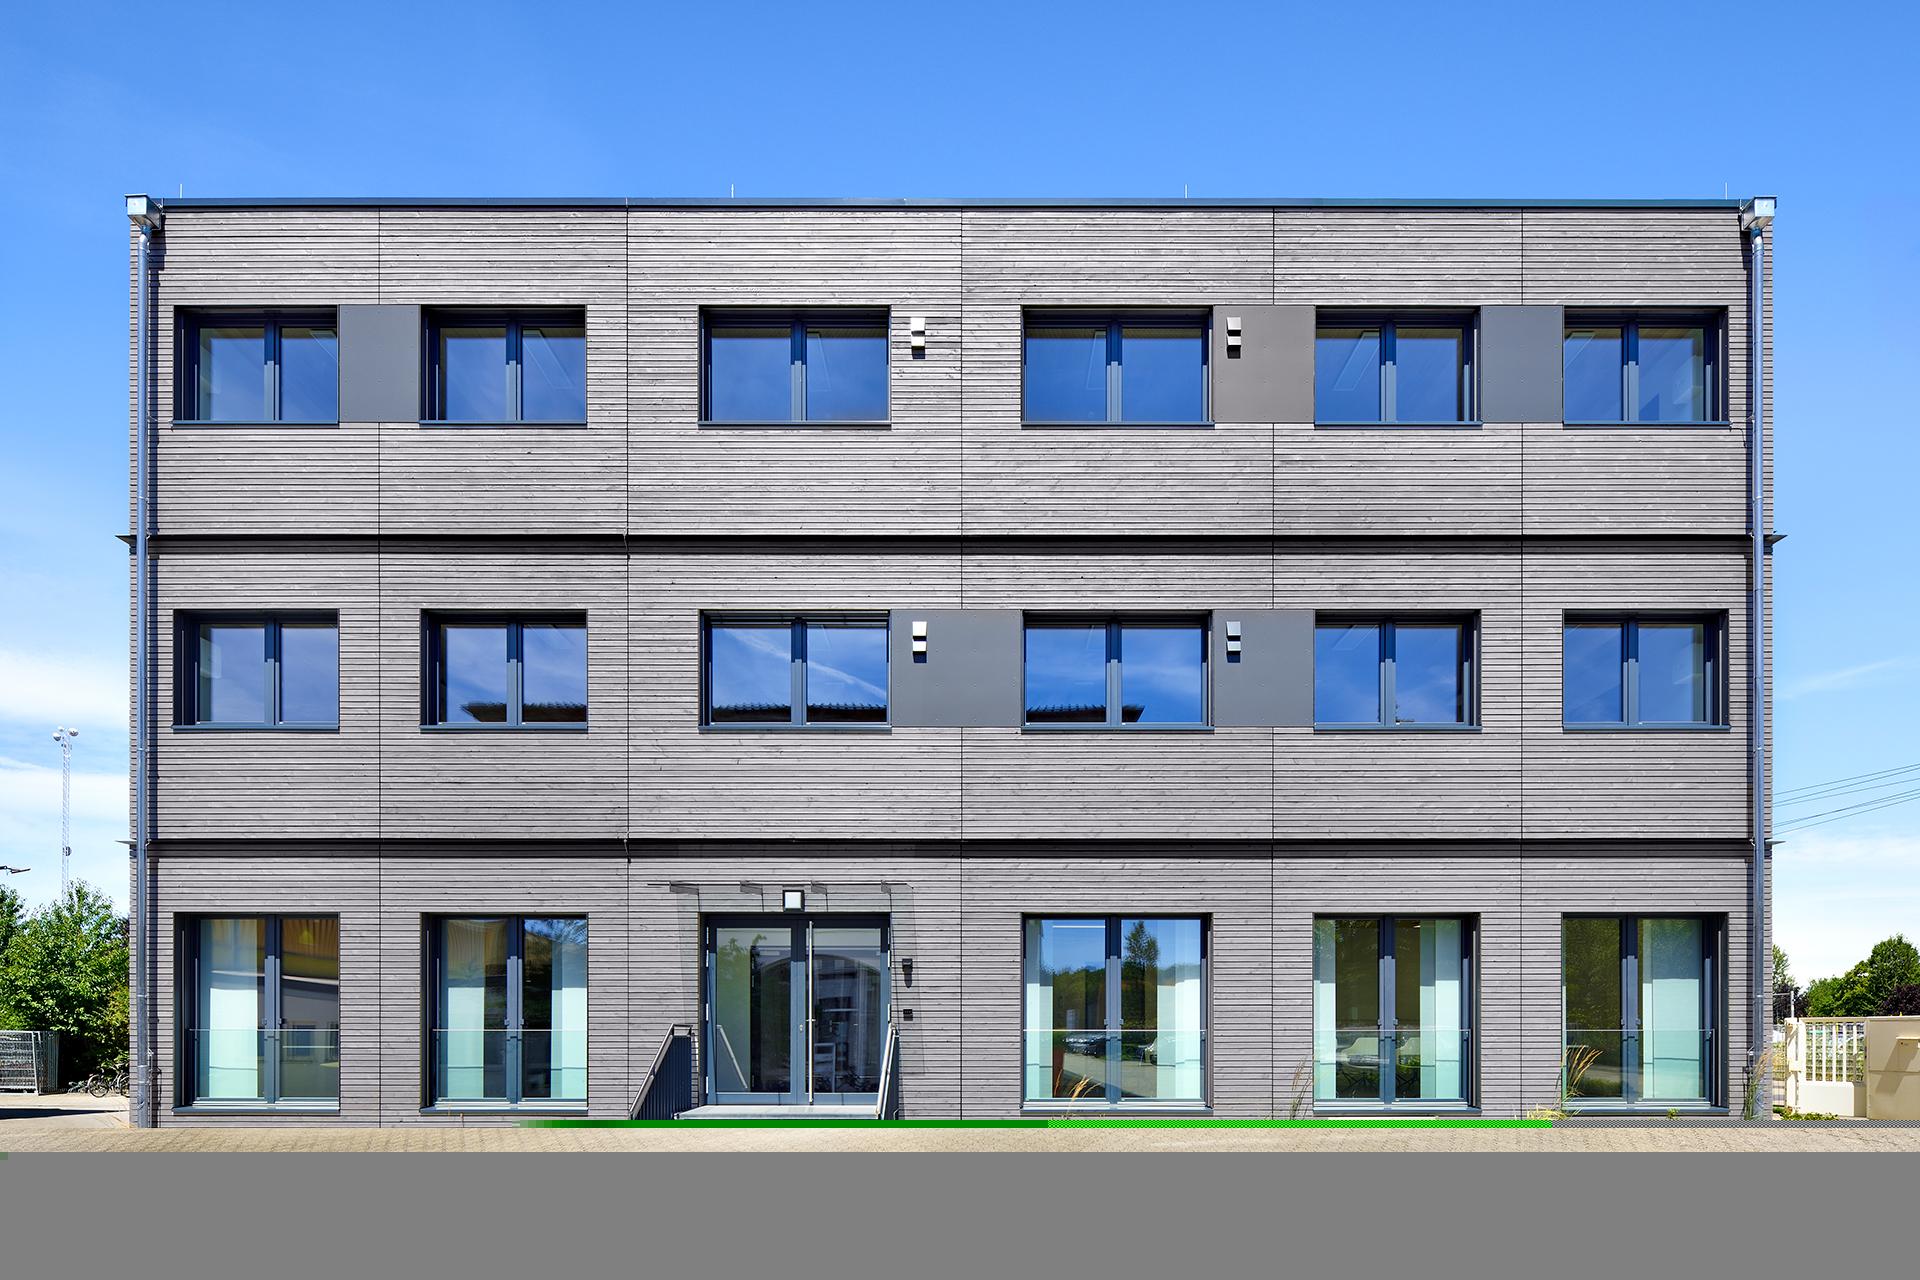 Graue Fassade mit blau schimmernden Fenstern eines Bürogebäudes in Modulbauweise